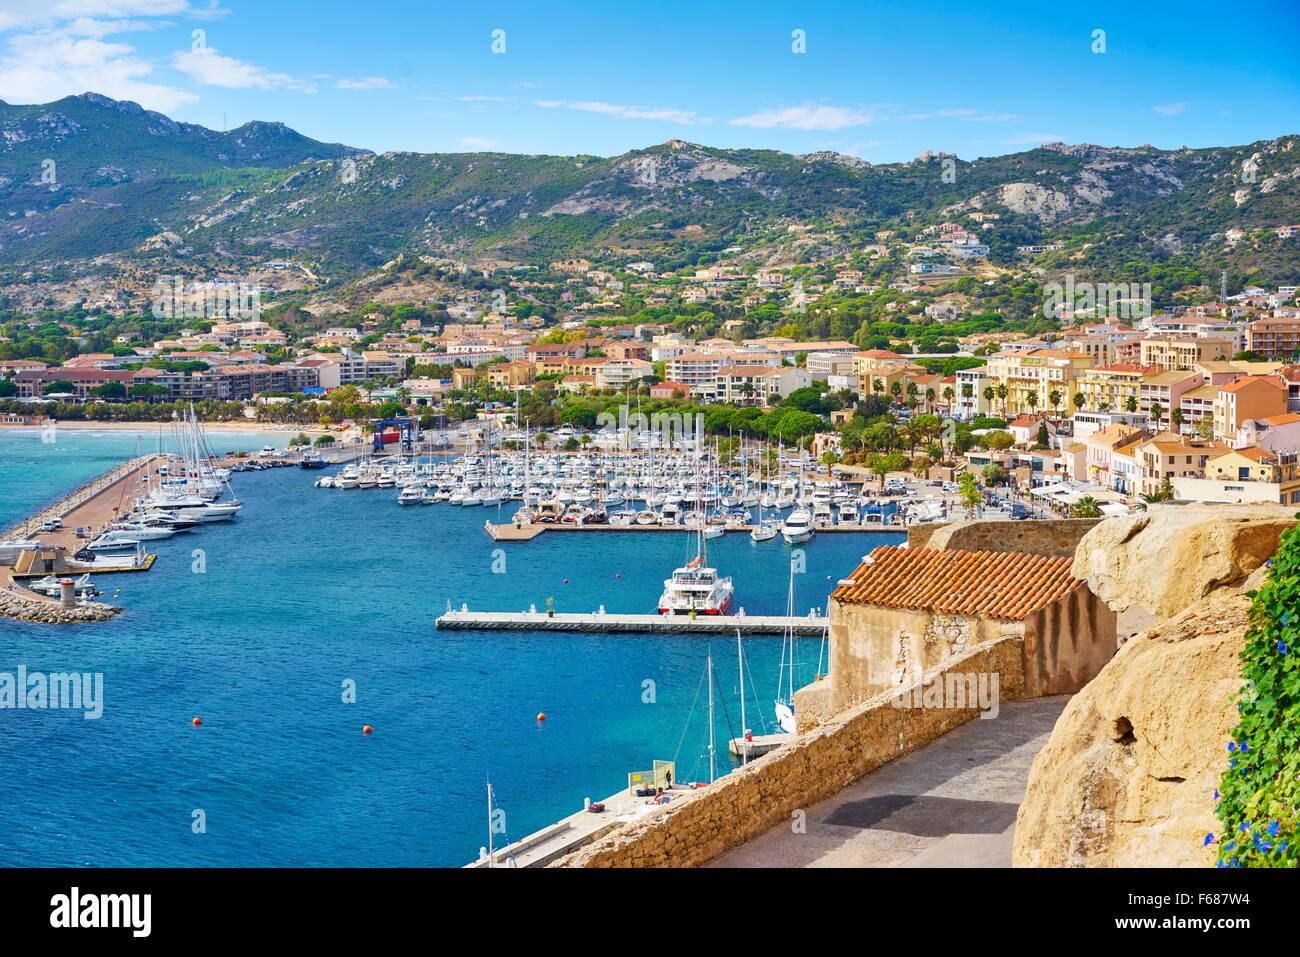 Port de plaisance de Calvi, Balagne, Corse, France Photo Stock